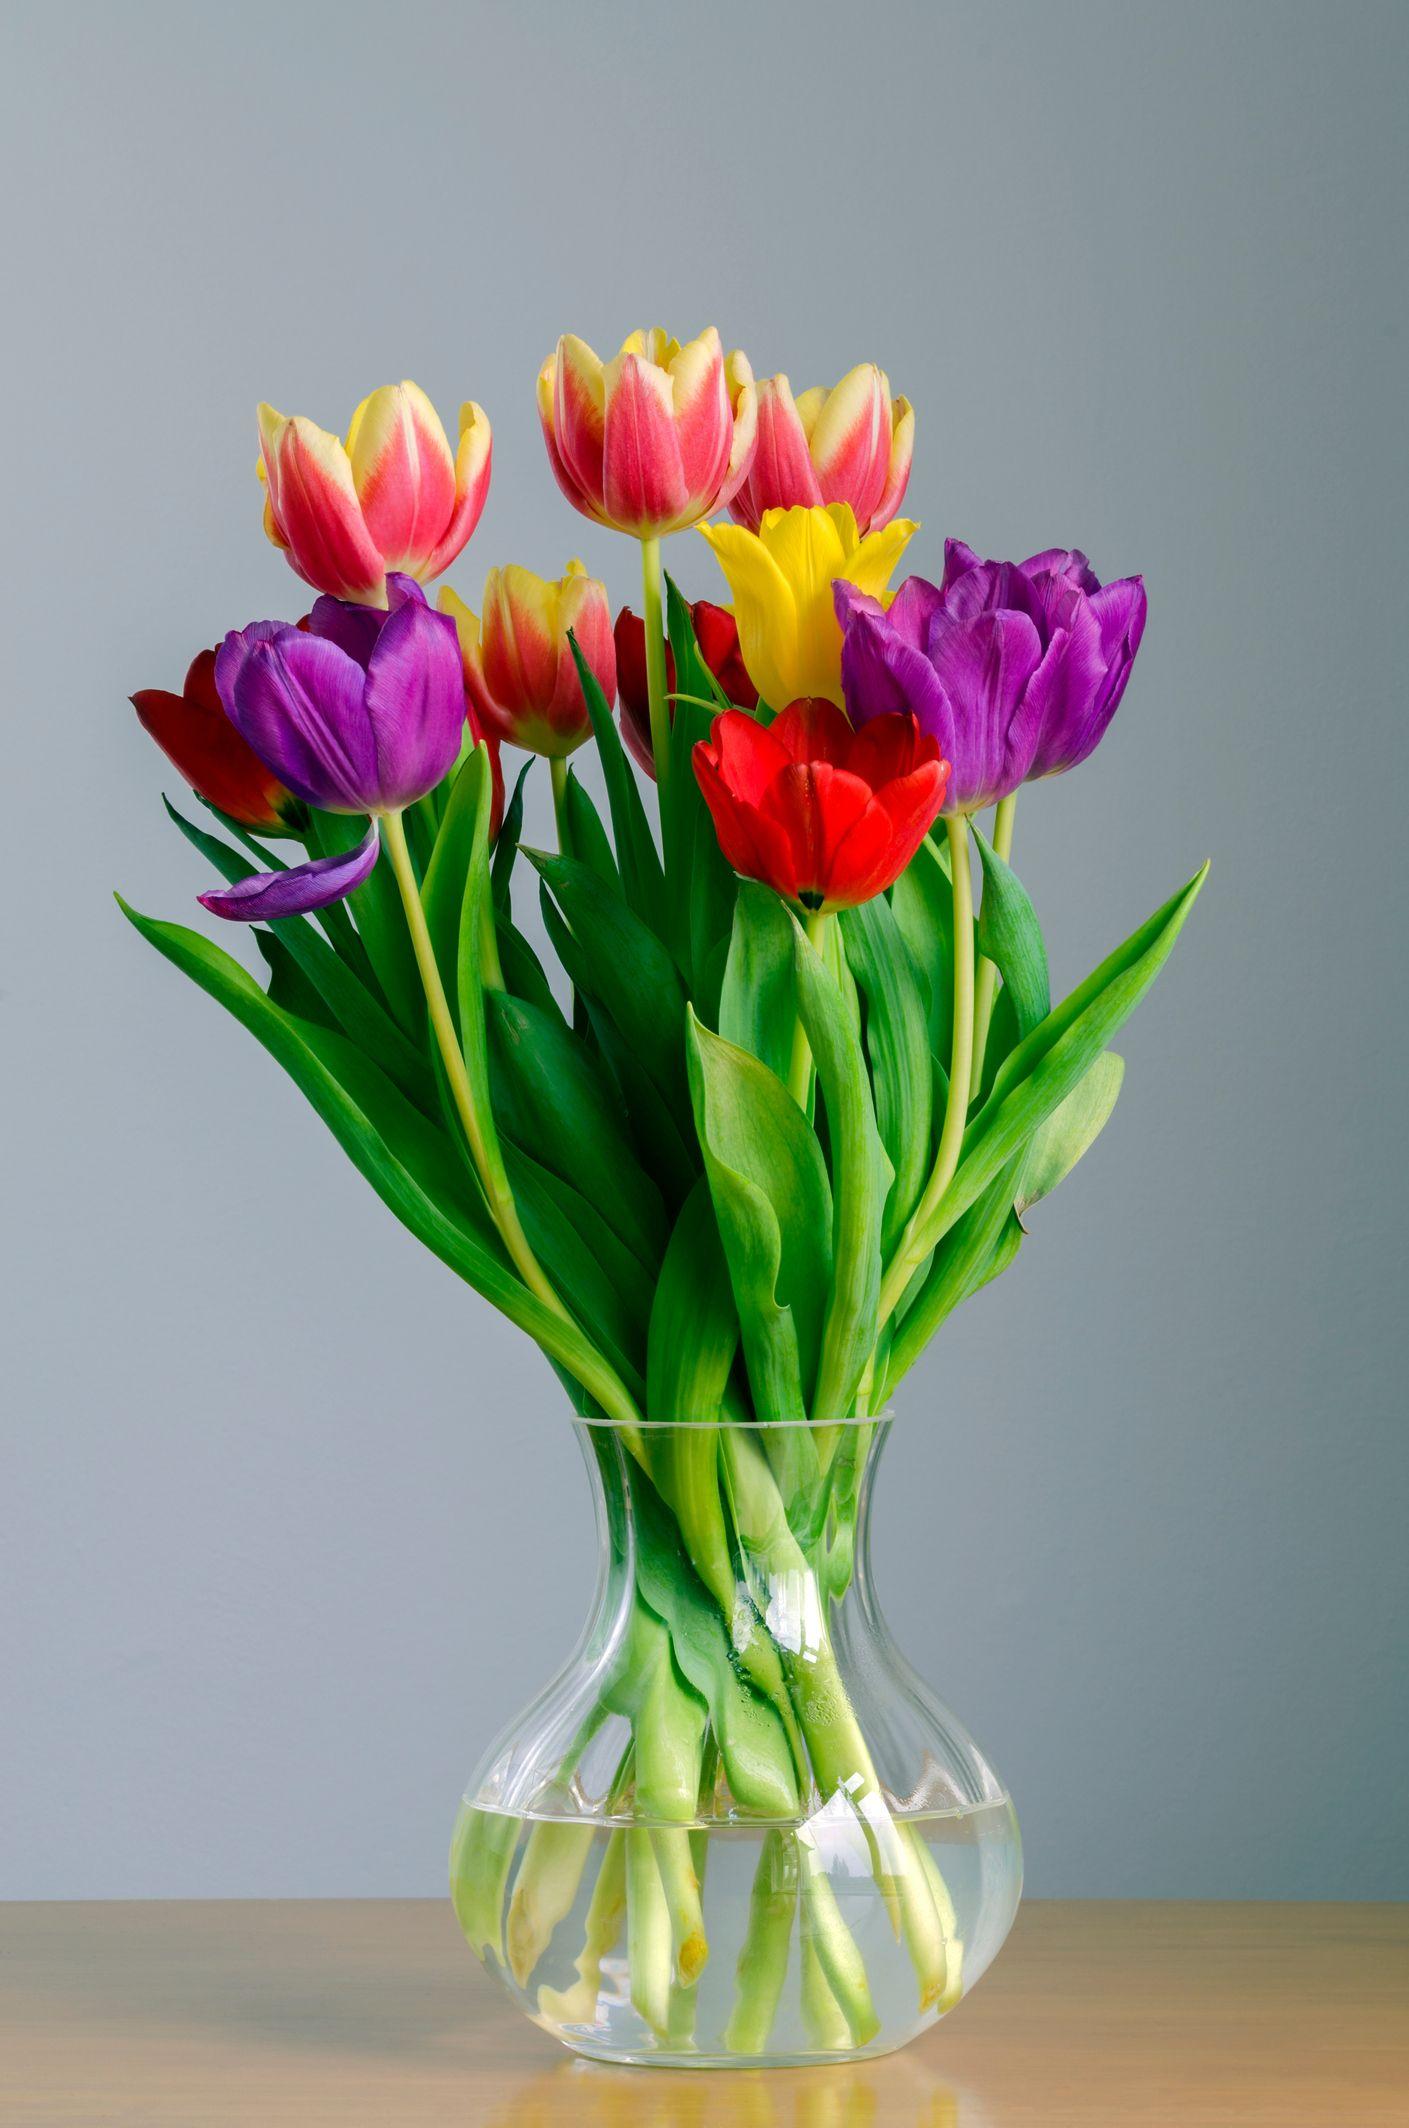 Quelle plante êtesvous? Tulipes dans un vase, Bouquet